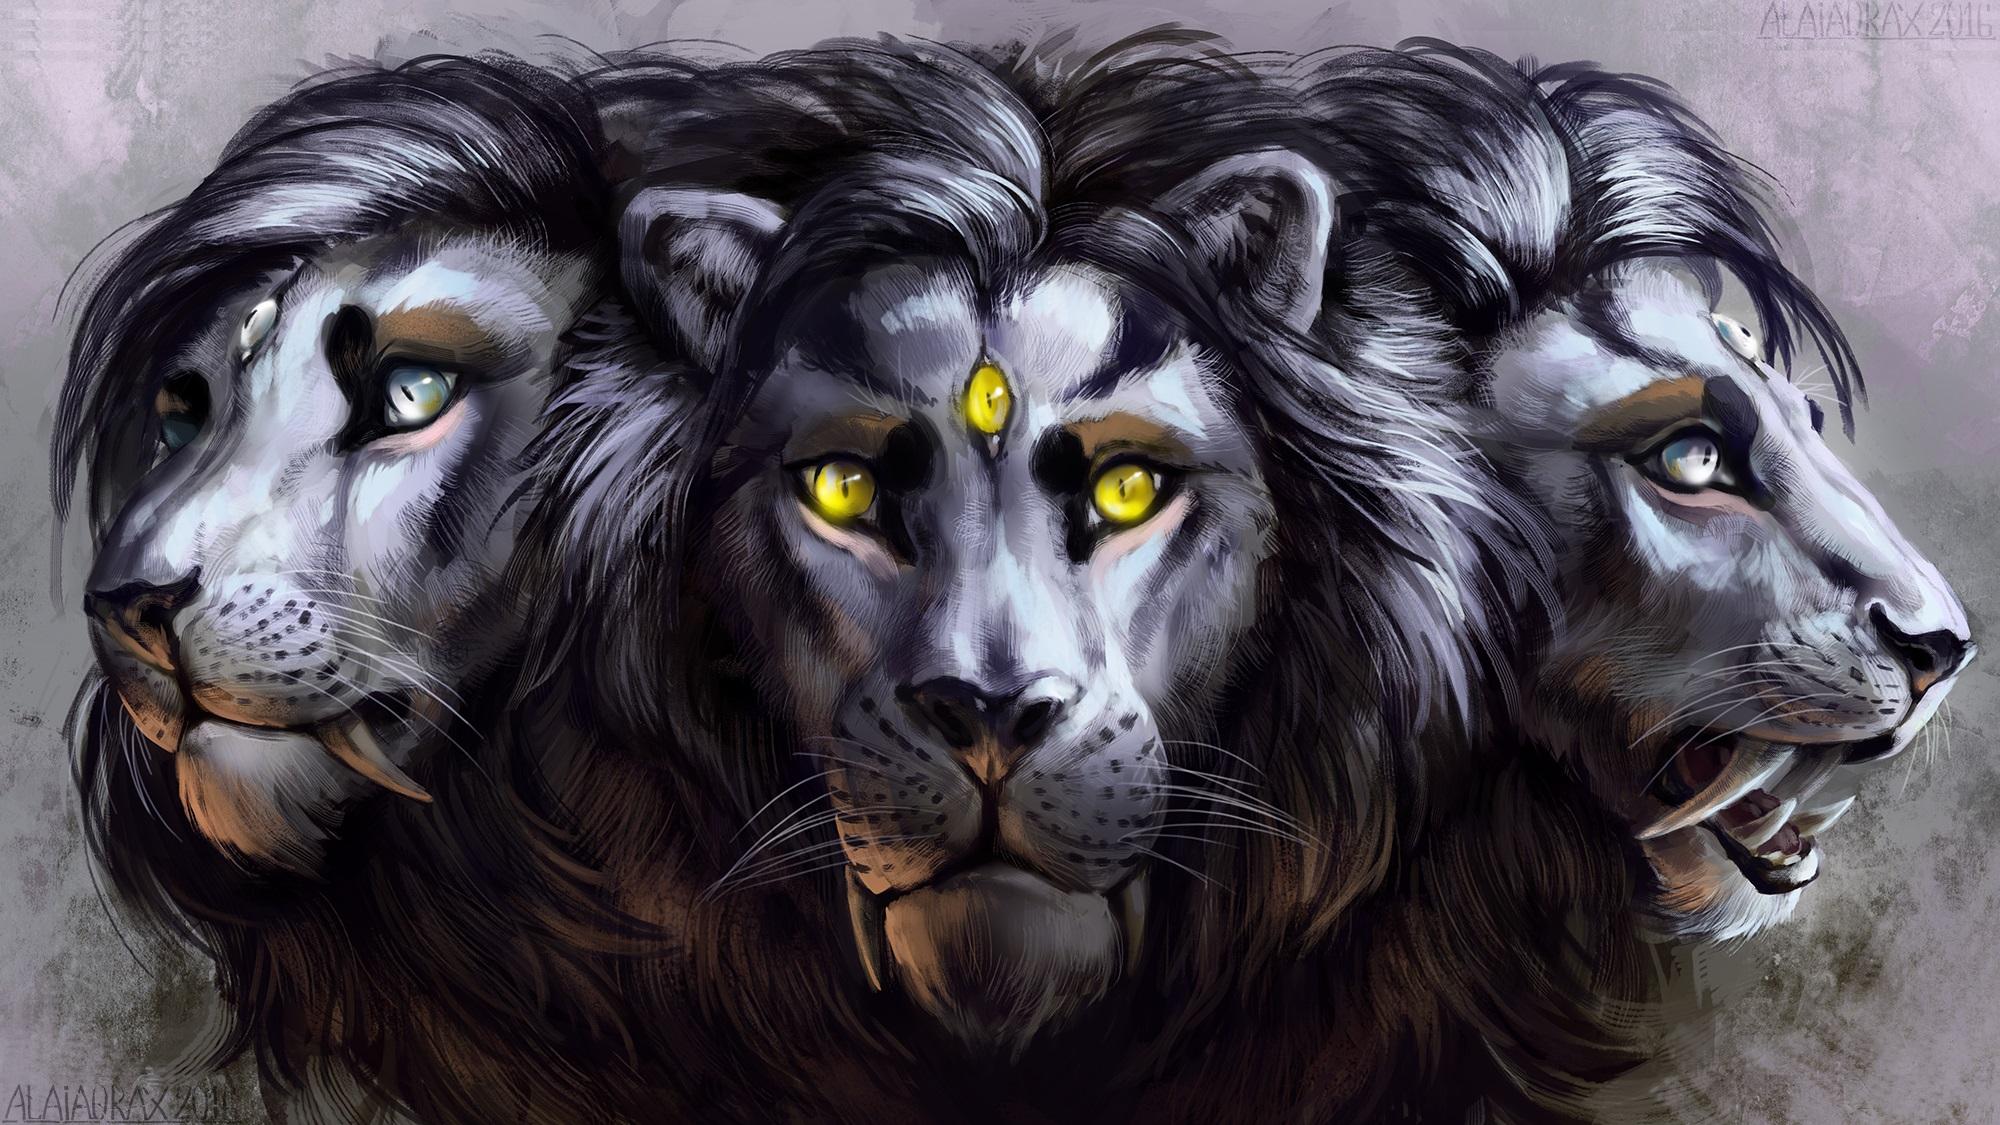 grande hembra fantasía en león